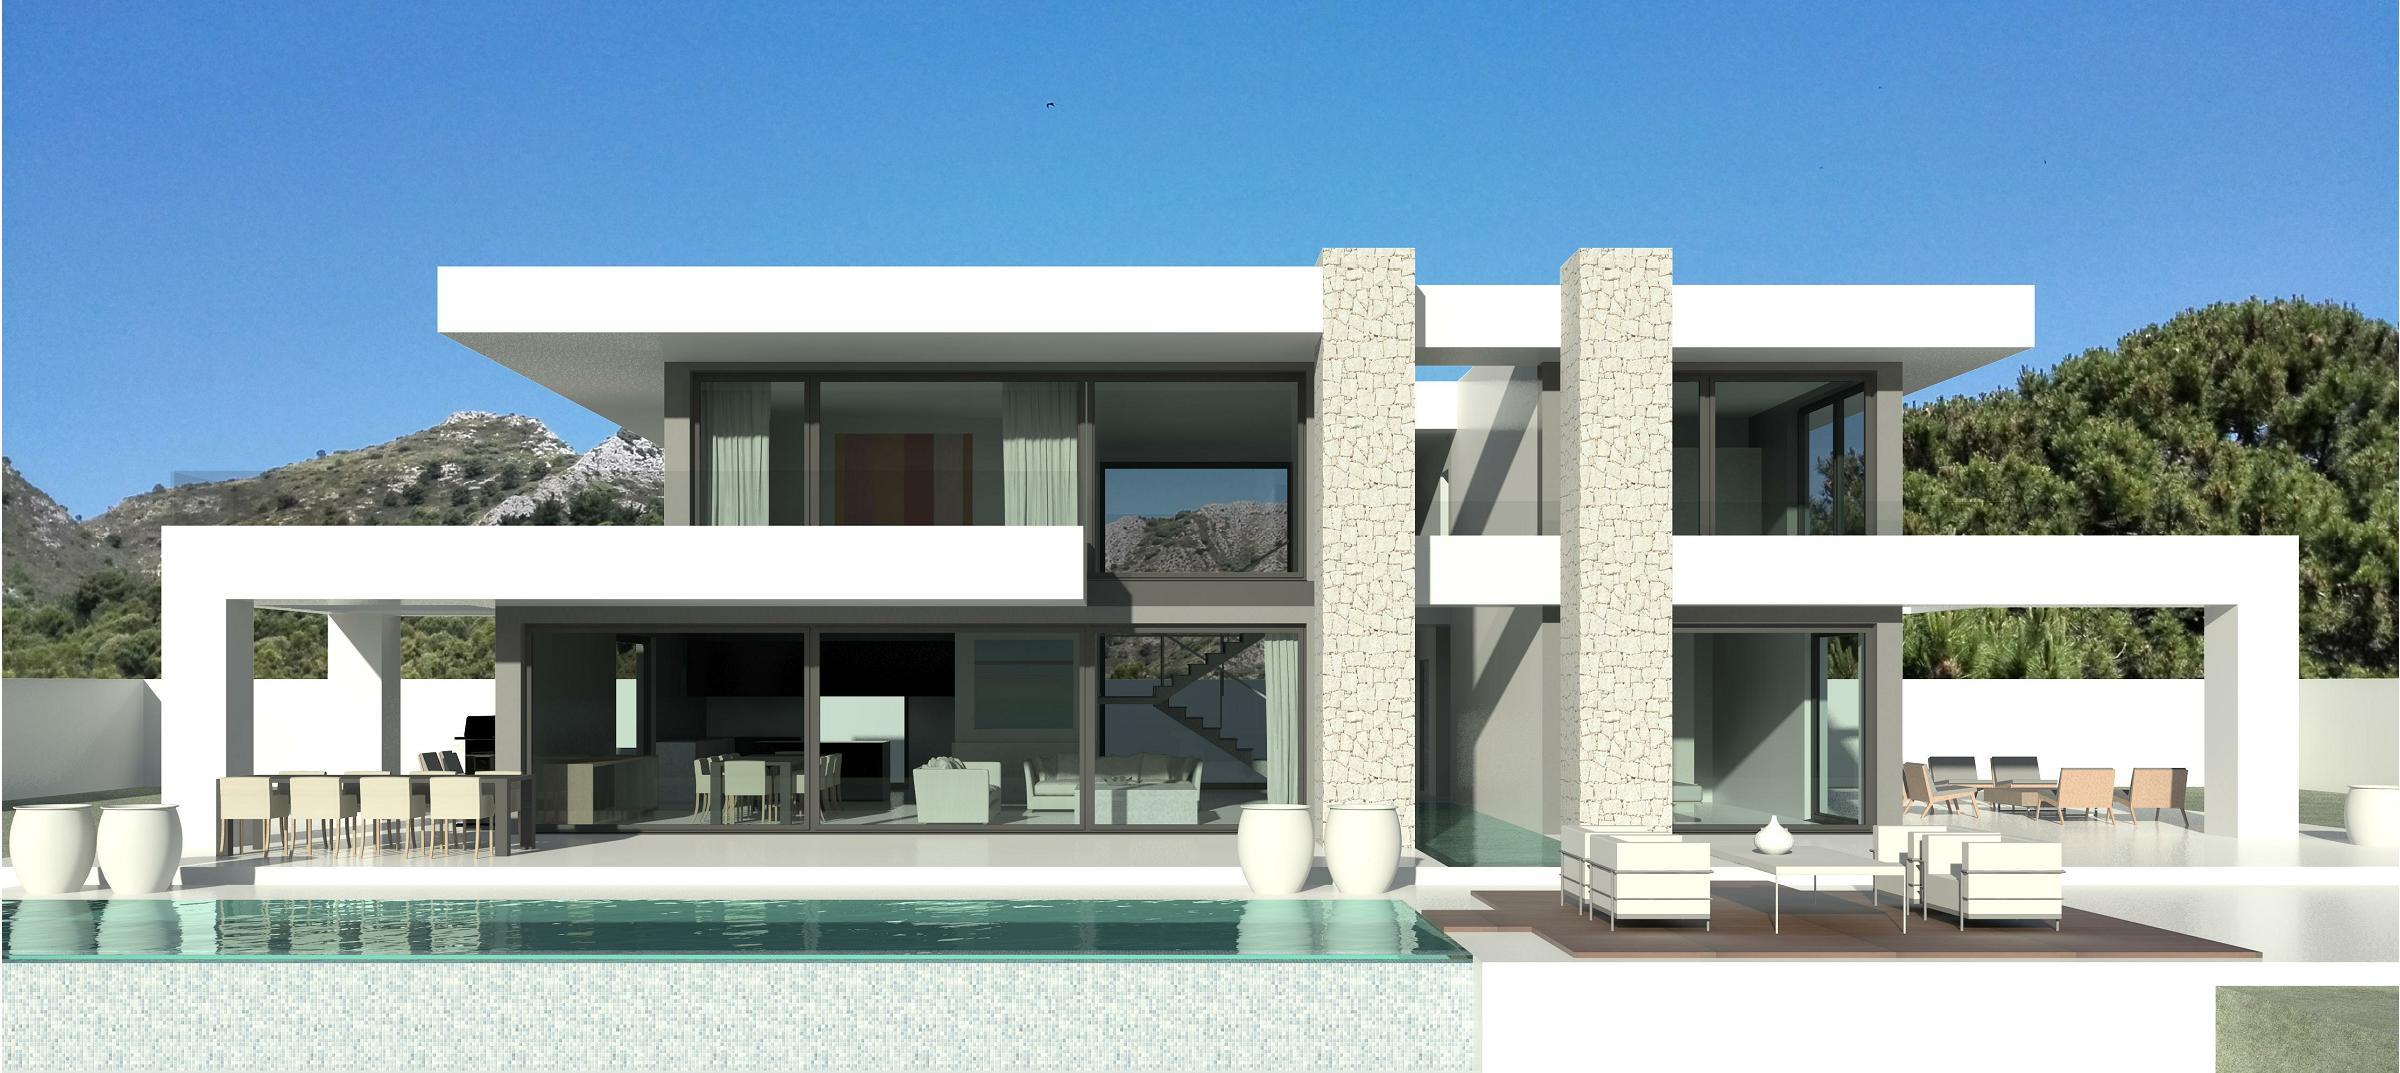 comment chercher une maison en location nantes. Black Bedroom Furniture Sets. Home Design Ideas